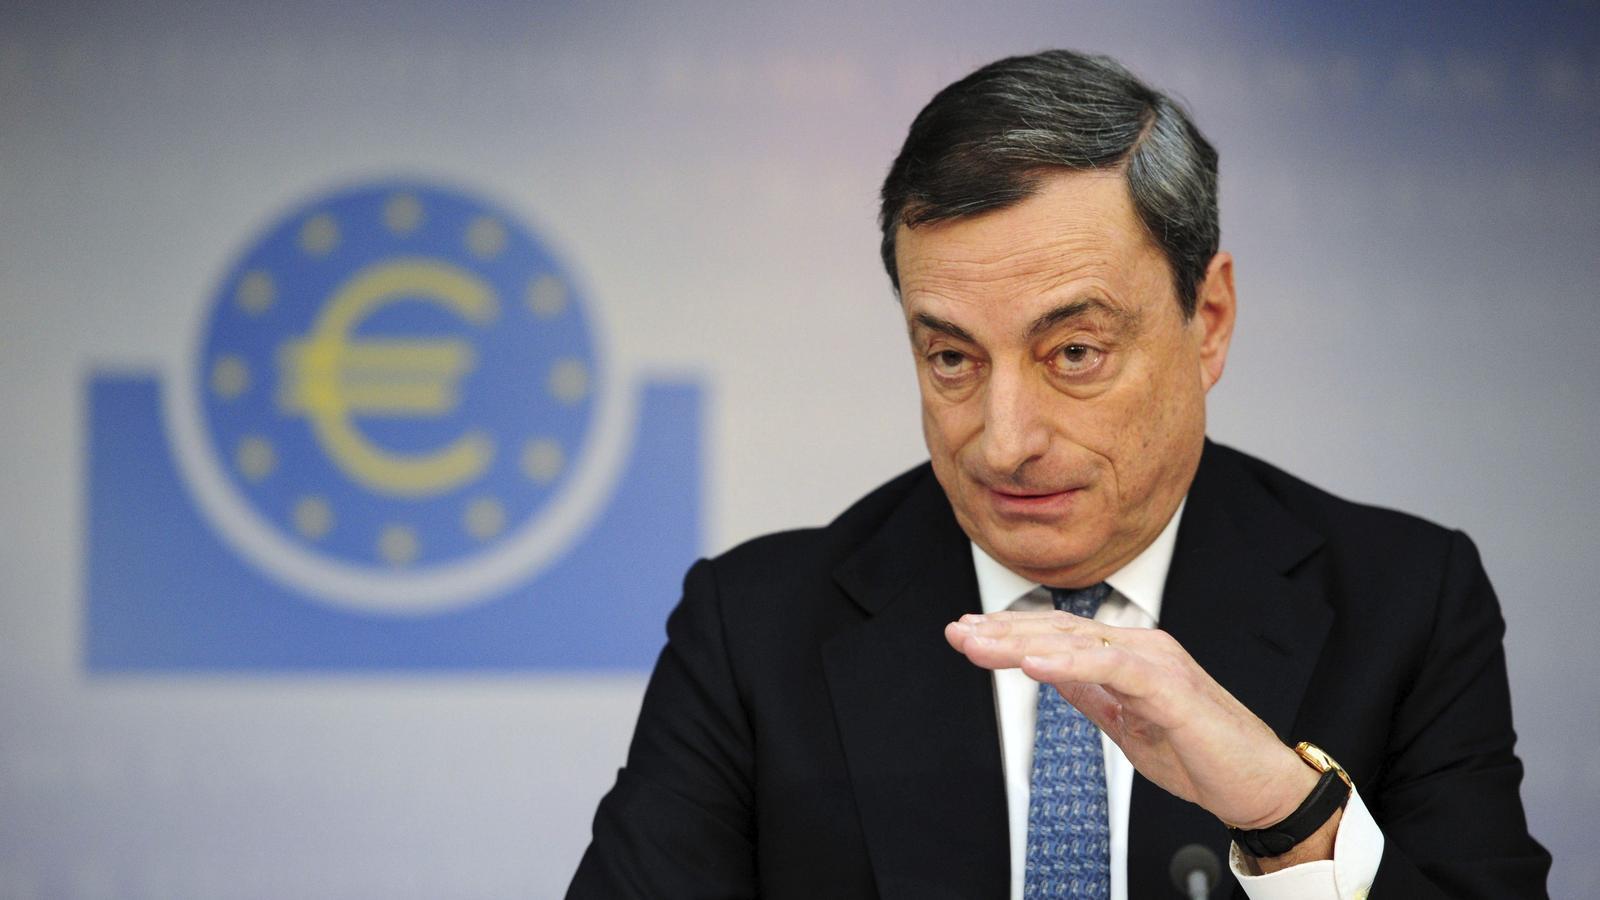 Draghi creu que l'economia europea és